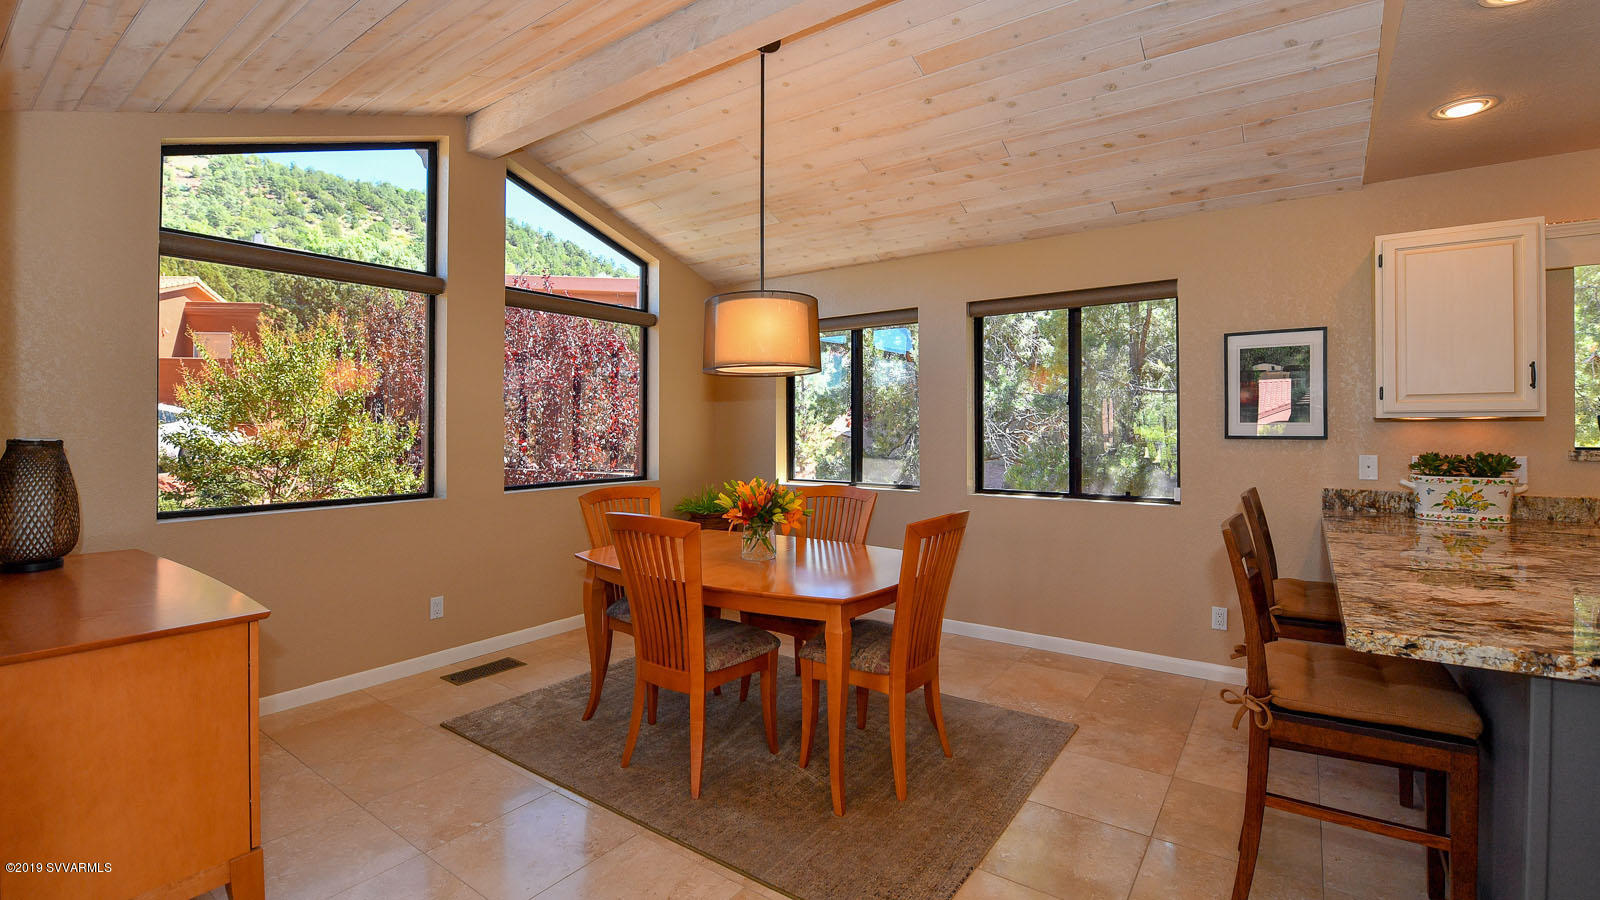 15 Sycamore Canyon Rd Sedona, AZ 86336